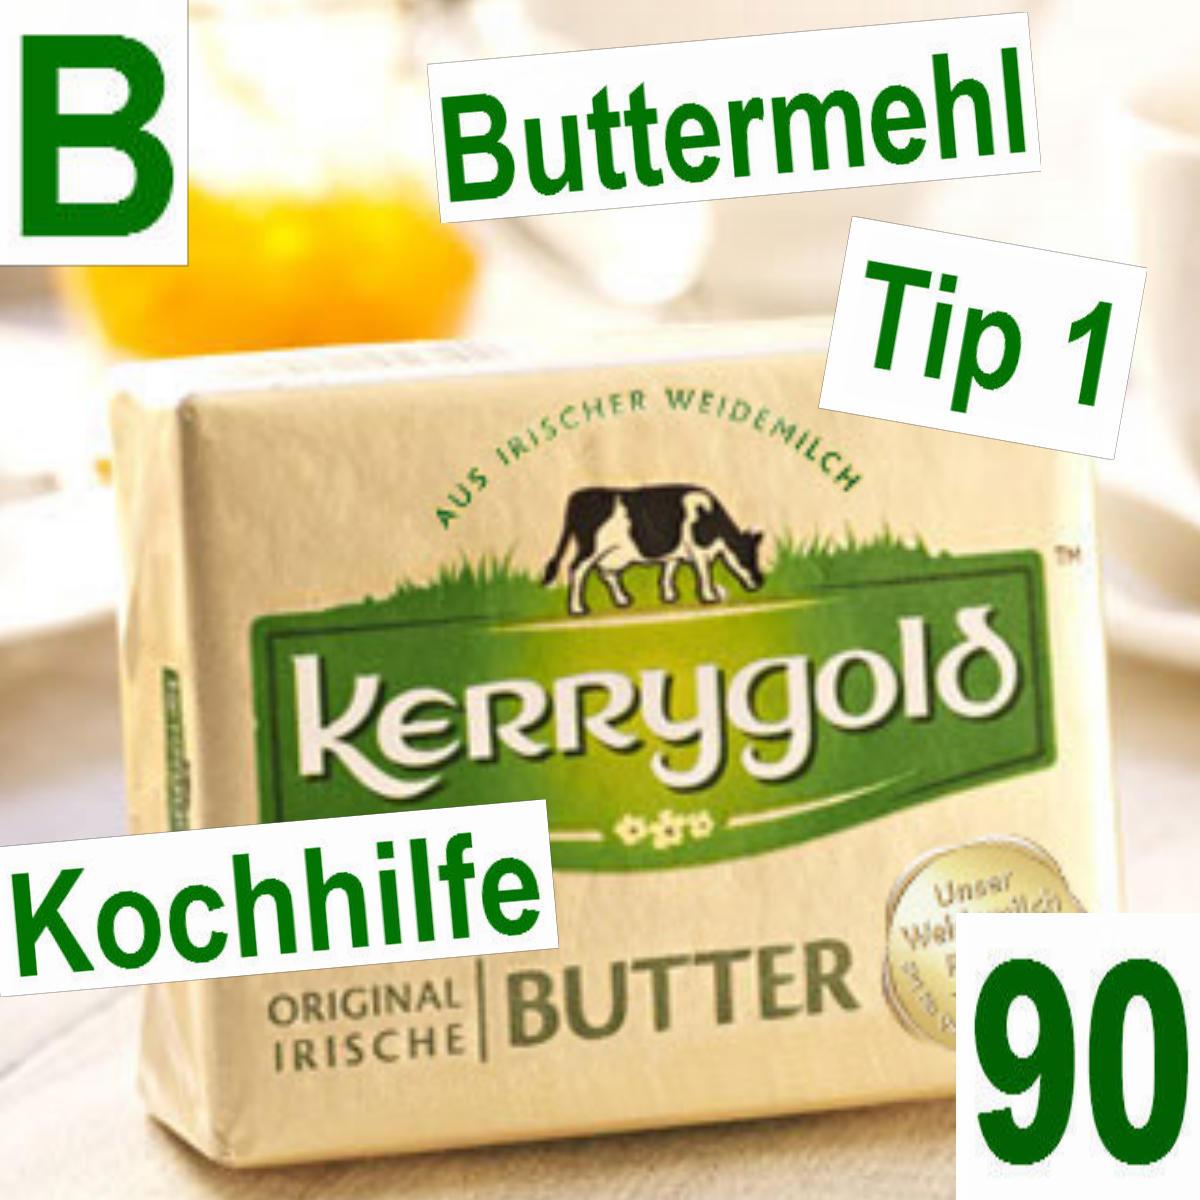 Buttermehl | vonMich